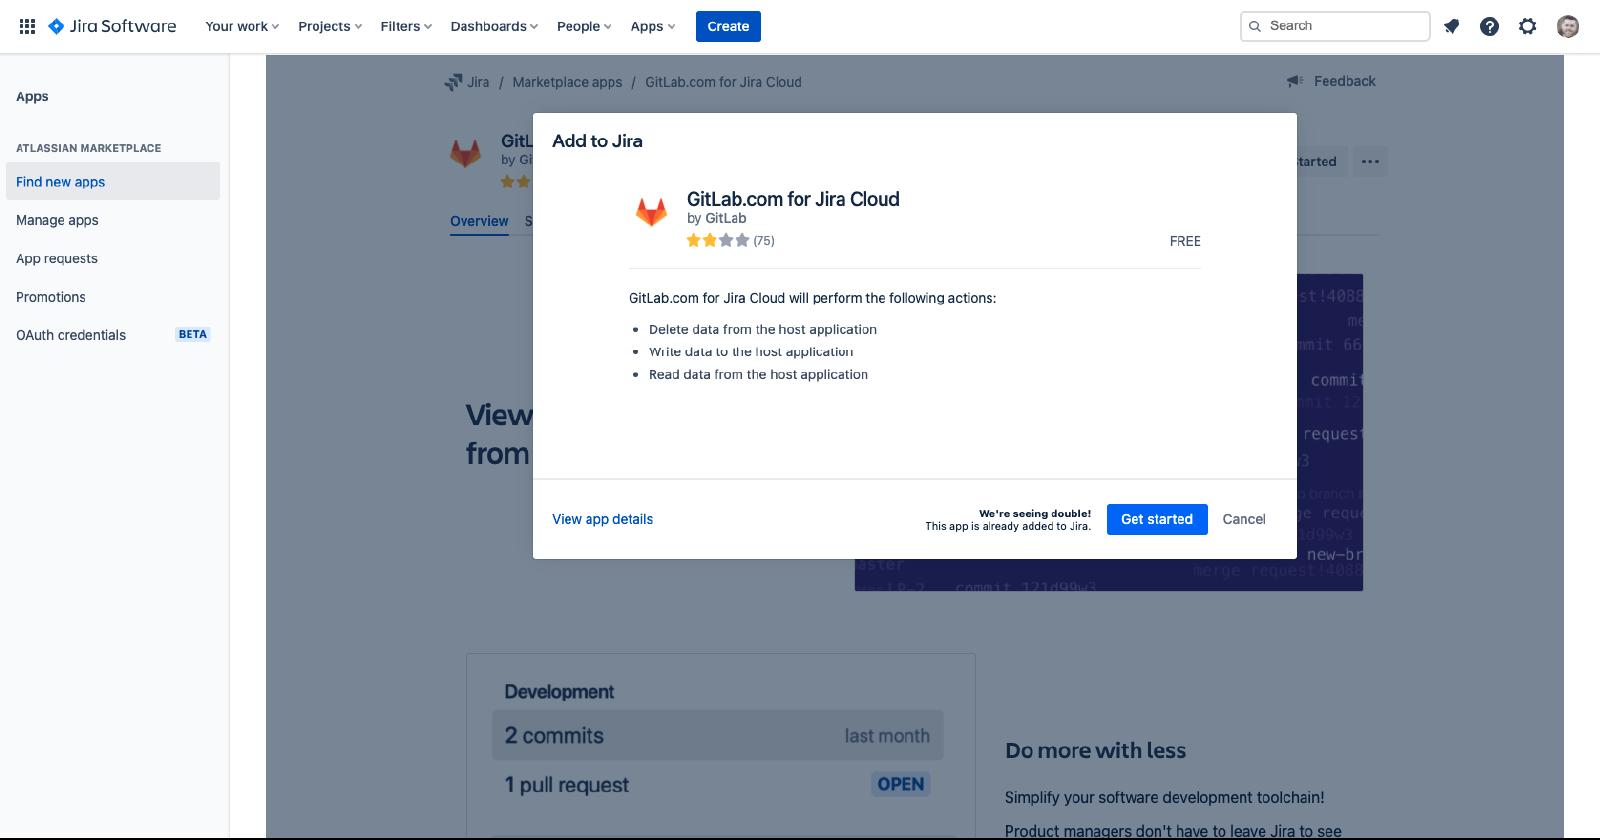 GitLab.com for Jira Cloud